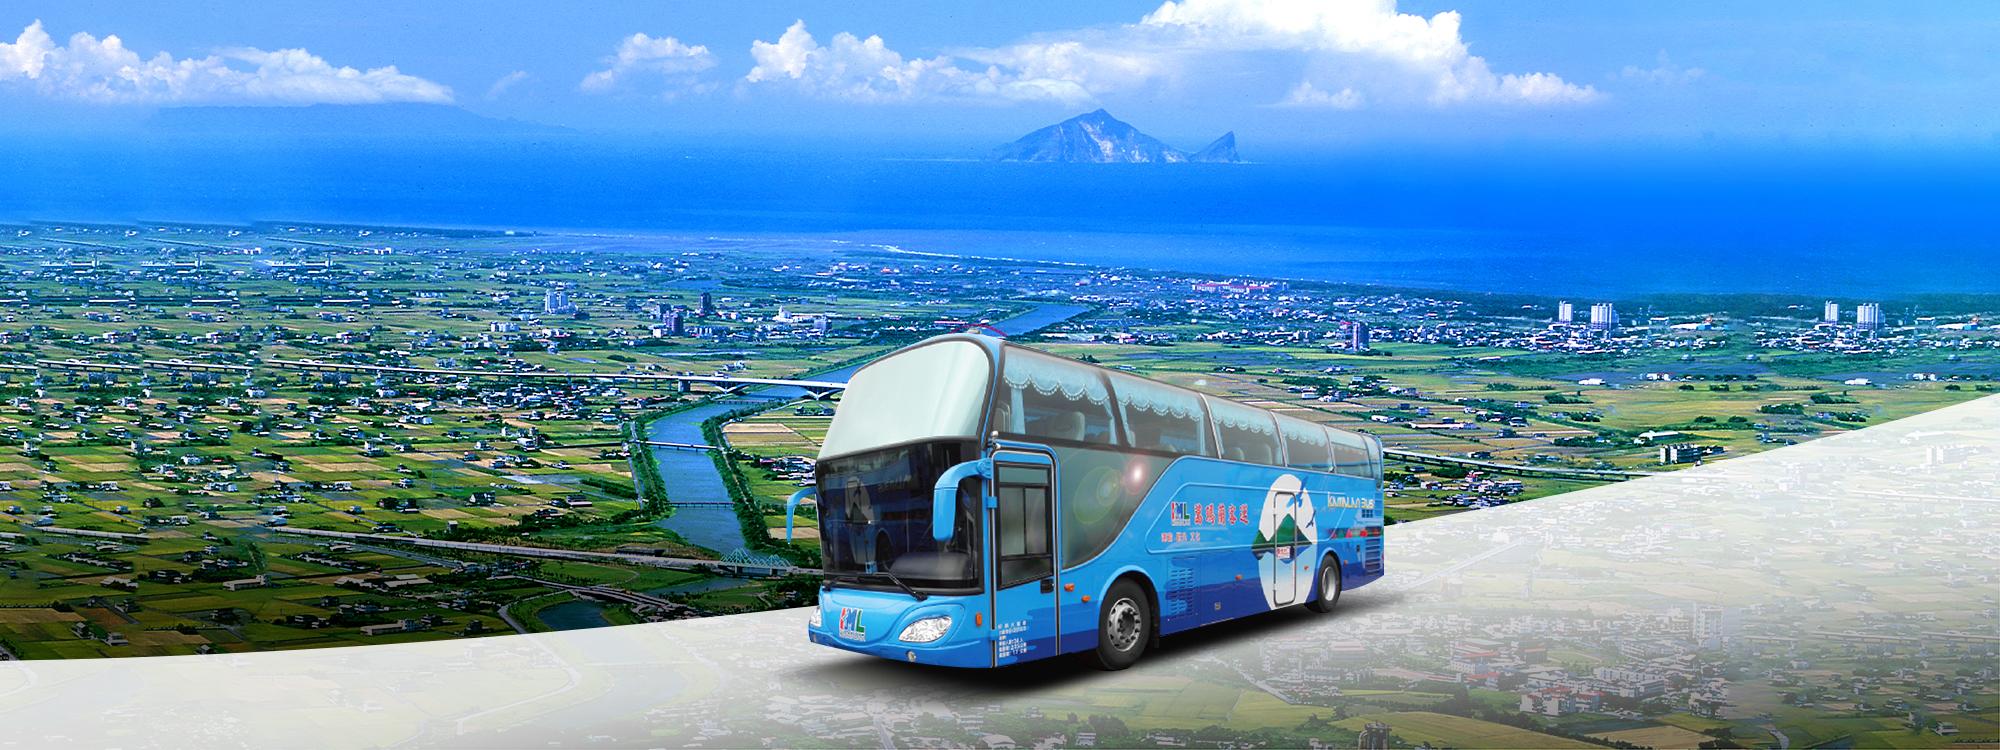 【宜蘭交通券】TOP5交通服務馬上買| FunTime旅遊比價